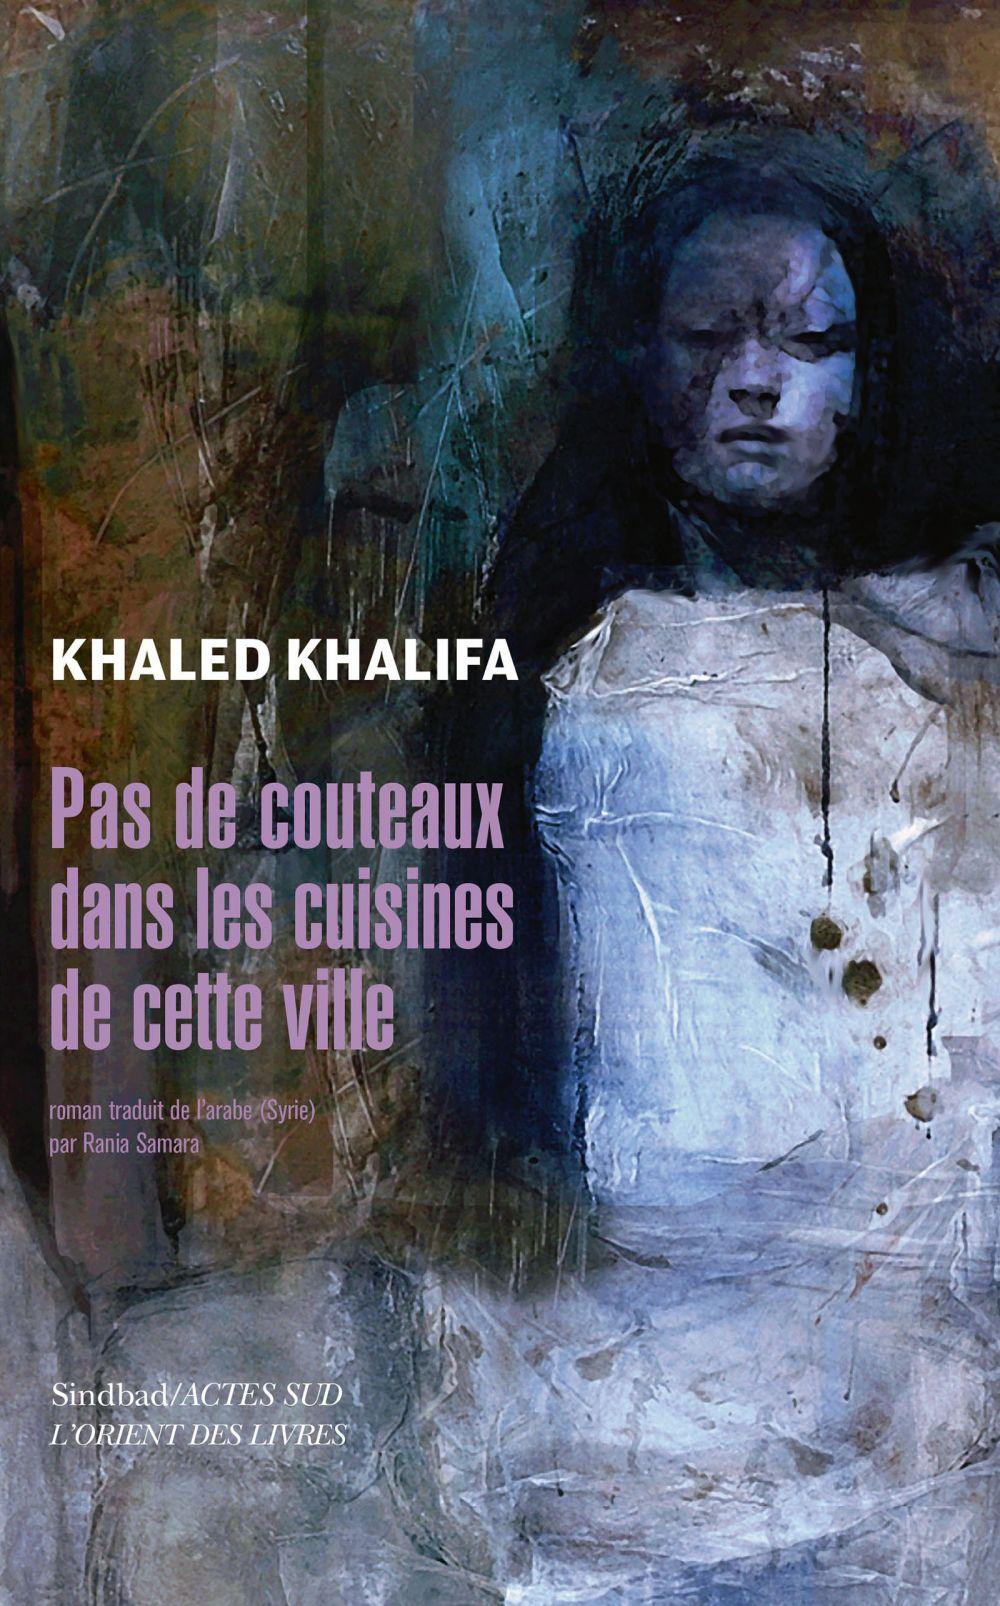 Pas de couteaux dans les cuisines de cette ville | Khalifa, Khaled (1964-....). Auteur